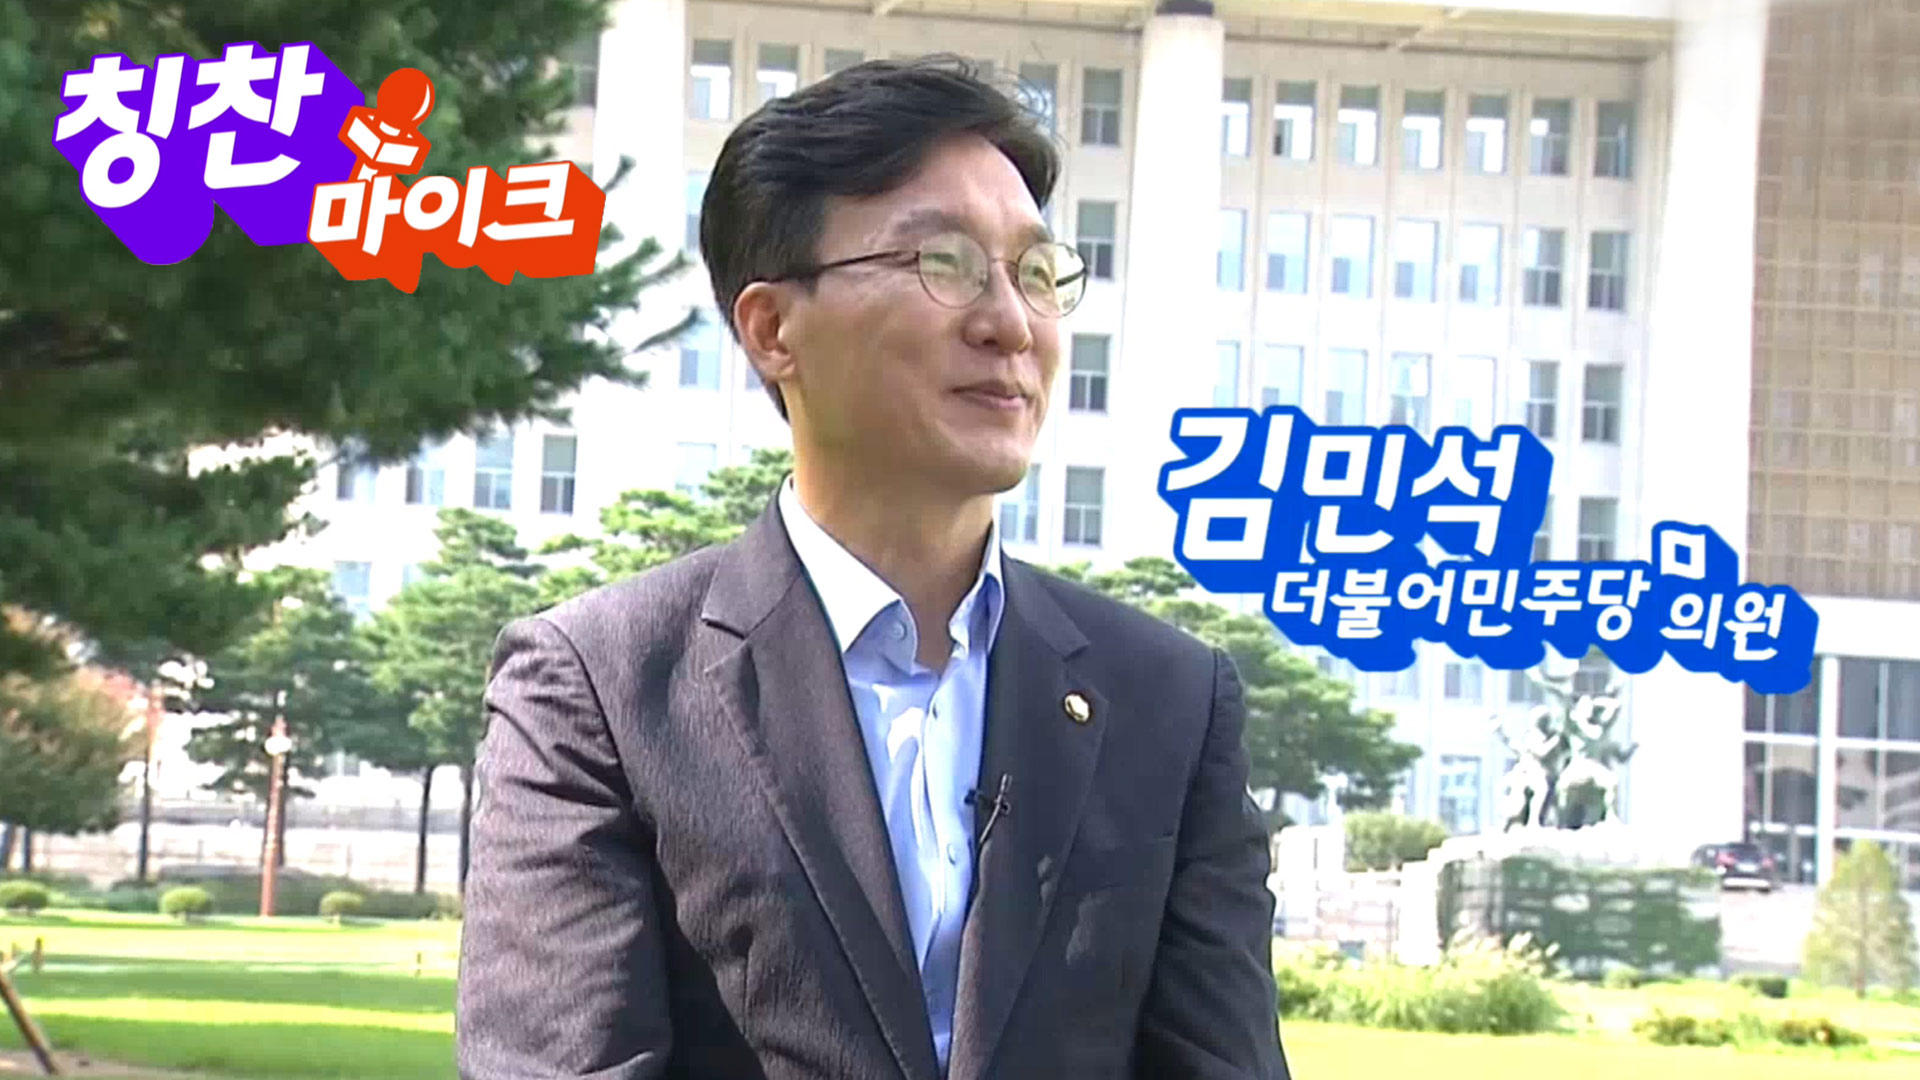 [칭찬마이크] 김민석 더불어민주당 의원